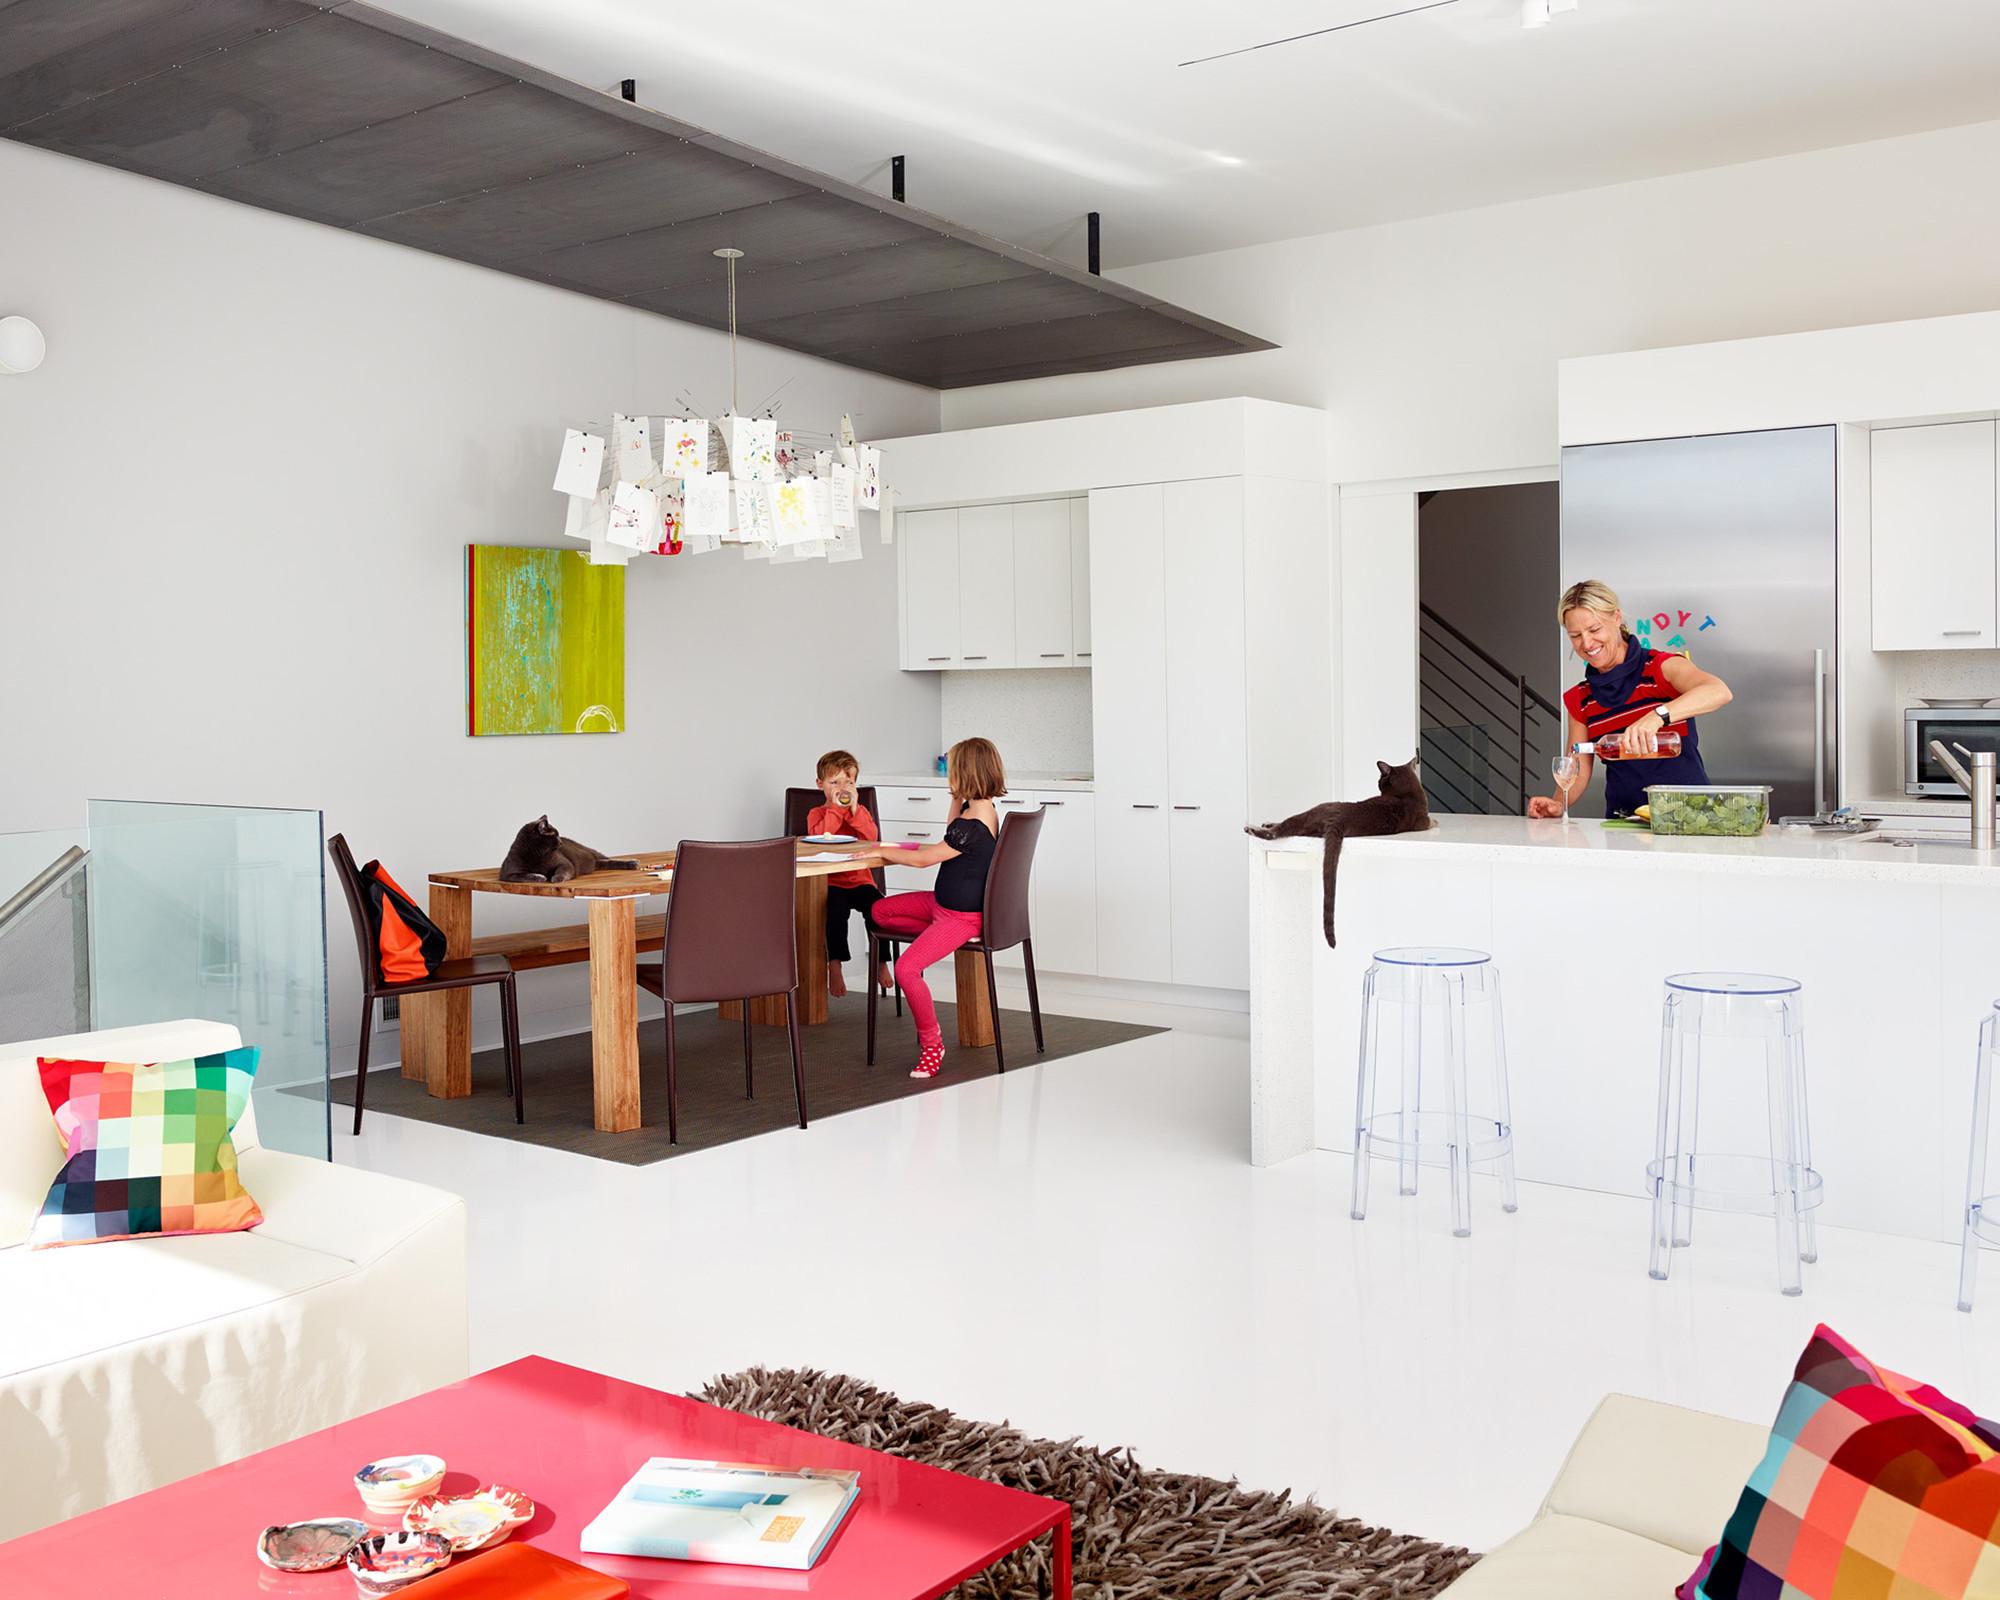 Maison Flip Fougeron Architecture Maison Design Afsoc Us # Salon De Jardin Evolutiv